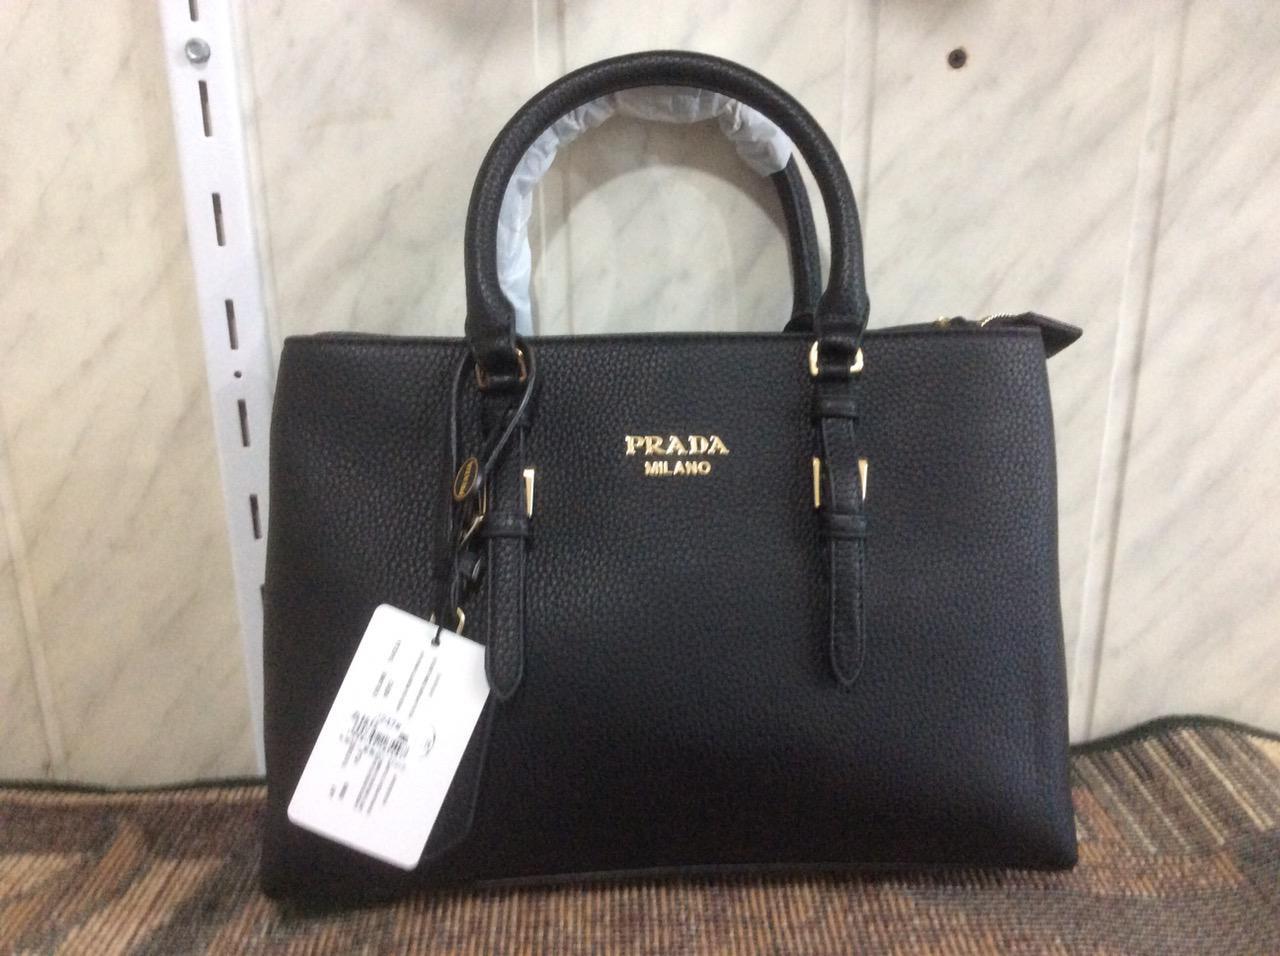 299a3eb69604 Prada сумка брендовая качество люкс копия, цена 1 460 грн., купить в ...